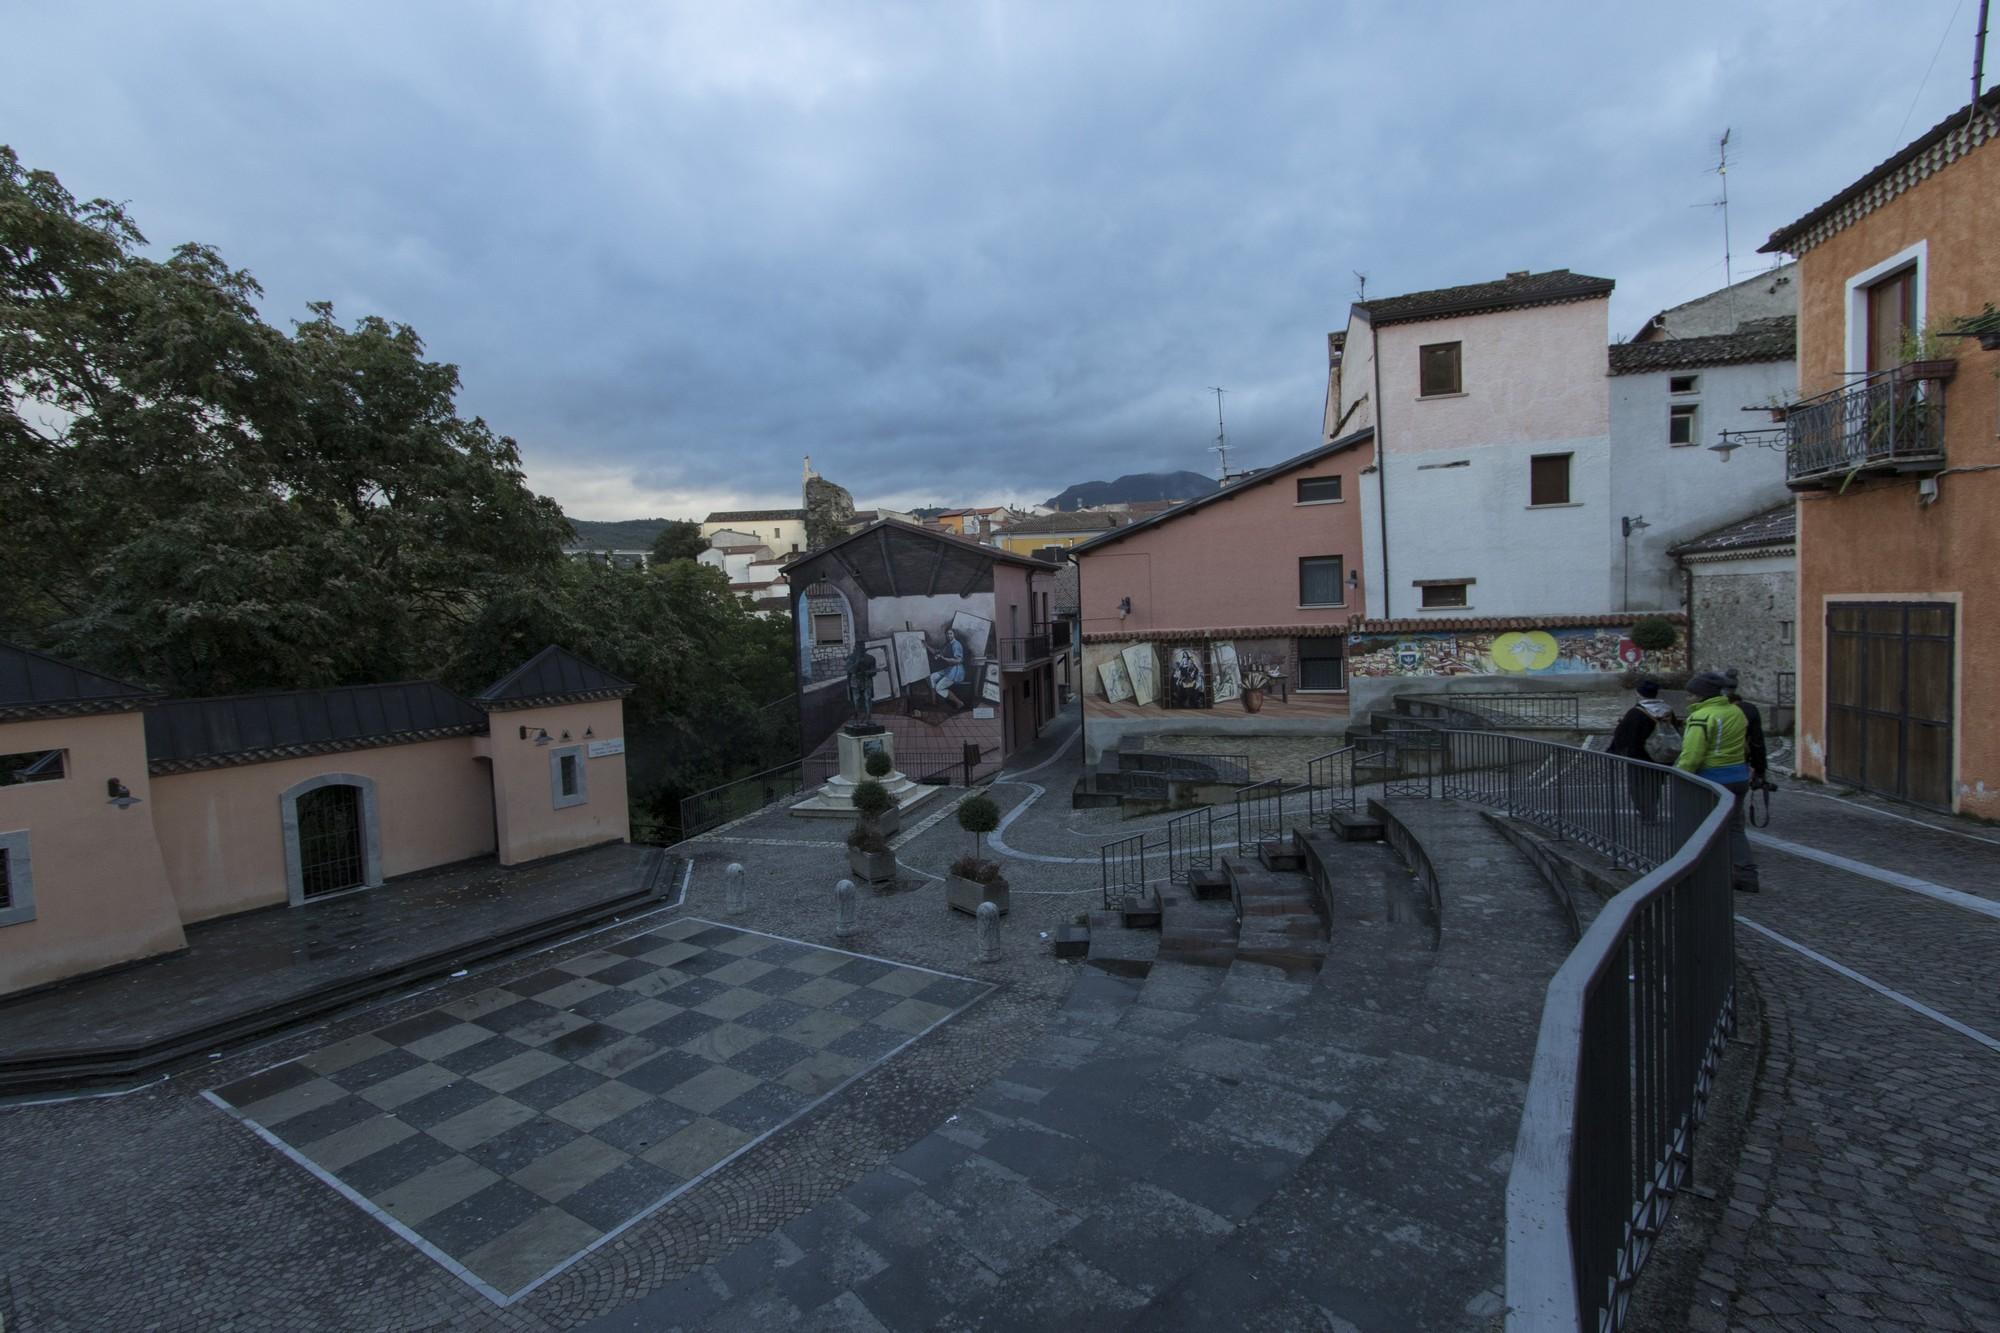 Anfiteatro Porticelle nel centro storico di Satriano di Lucania - ©Foto Massimo Vicinanza per goBasilicata